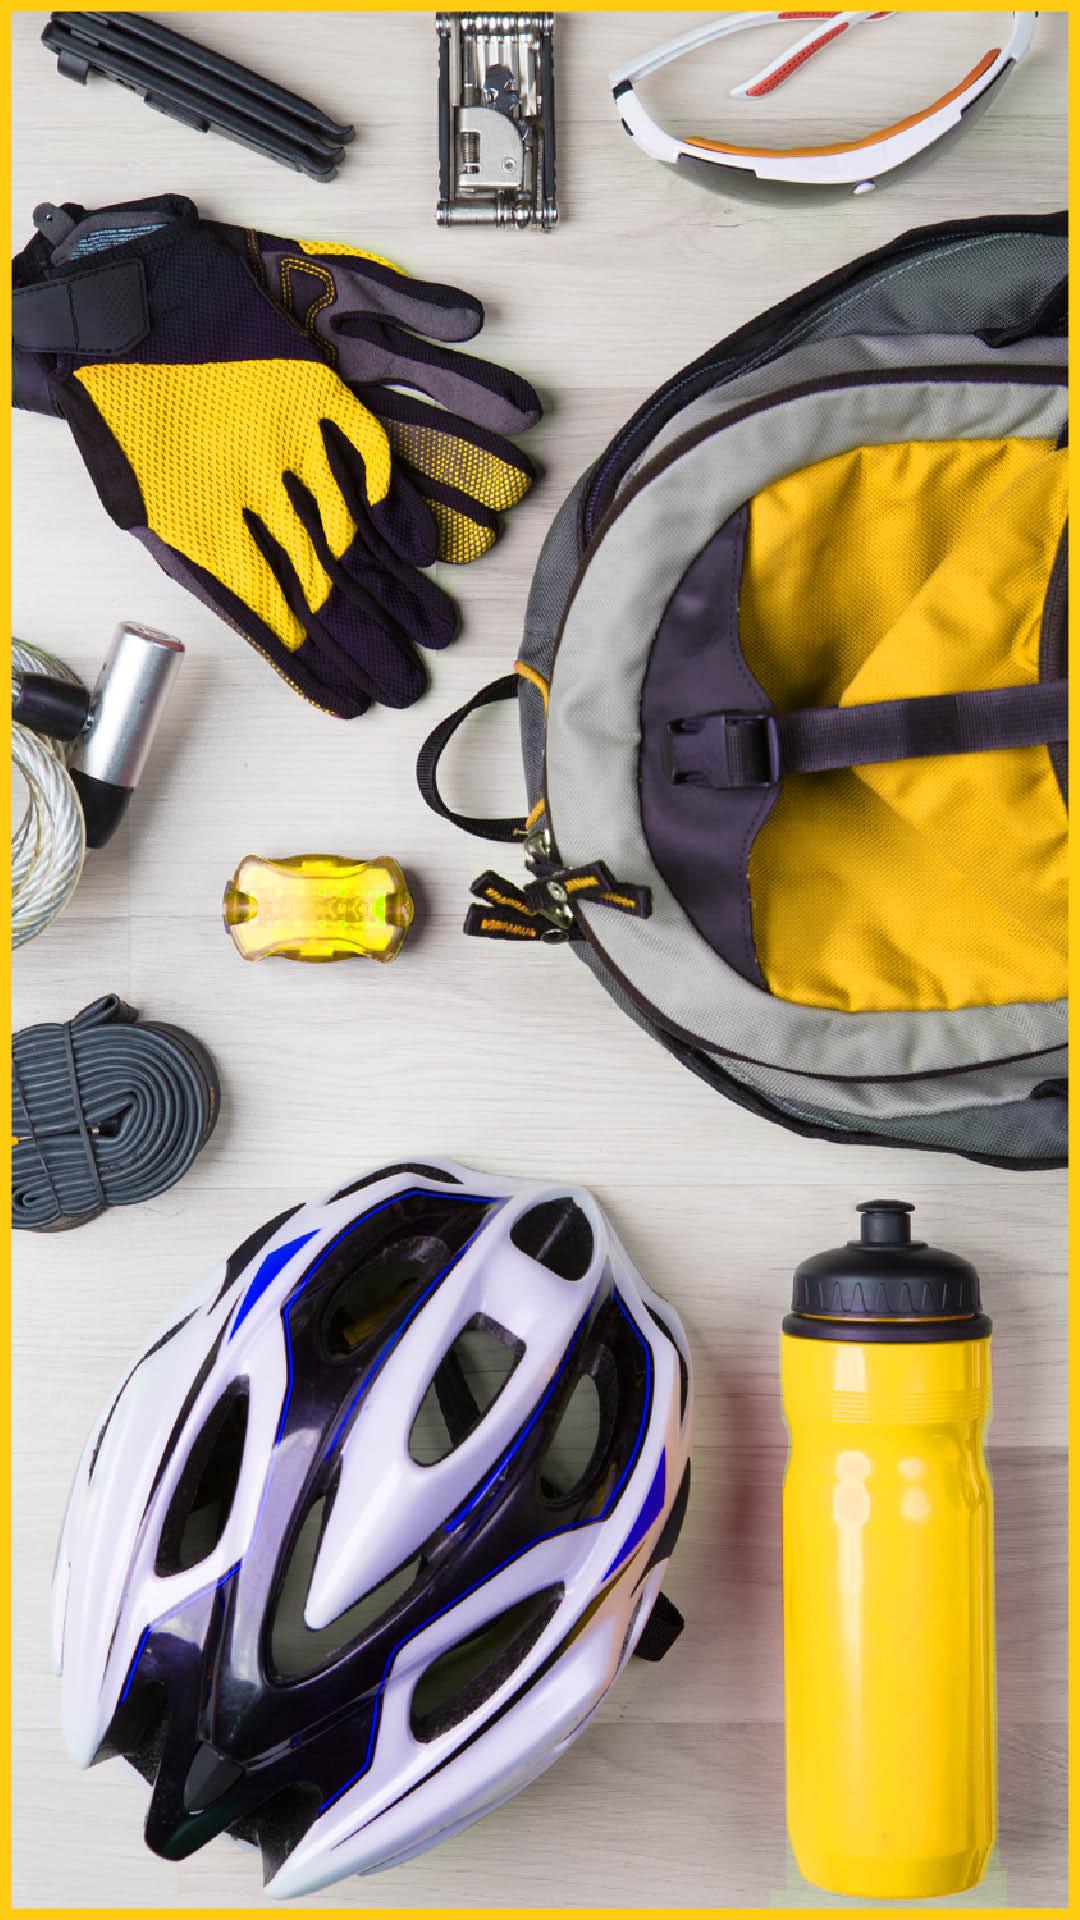 Fahrradzubehör für den Ilmtalradweg durchgeführt vom Werra Bikes, wie Helm, Fahrradflasche, Rücklicht, Rucksack, Fahrradhandschuhe, Sonnenbrille, Sicherheitsschloss, Werkzeugtool